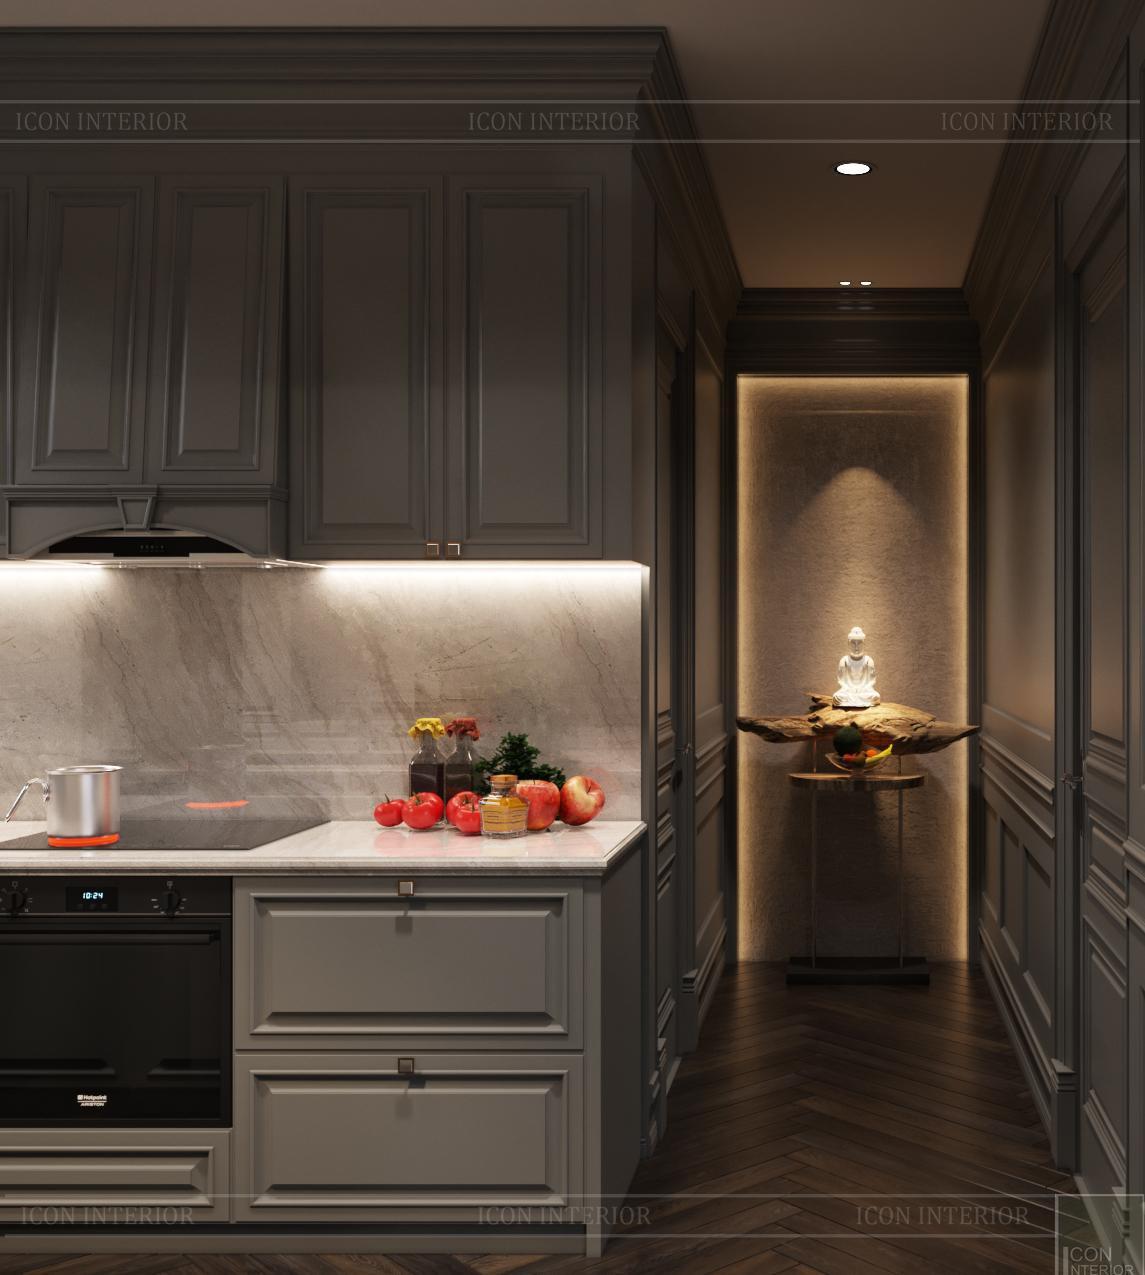 Thiết kế căn hộ Kingdom 101 - phòng bếp